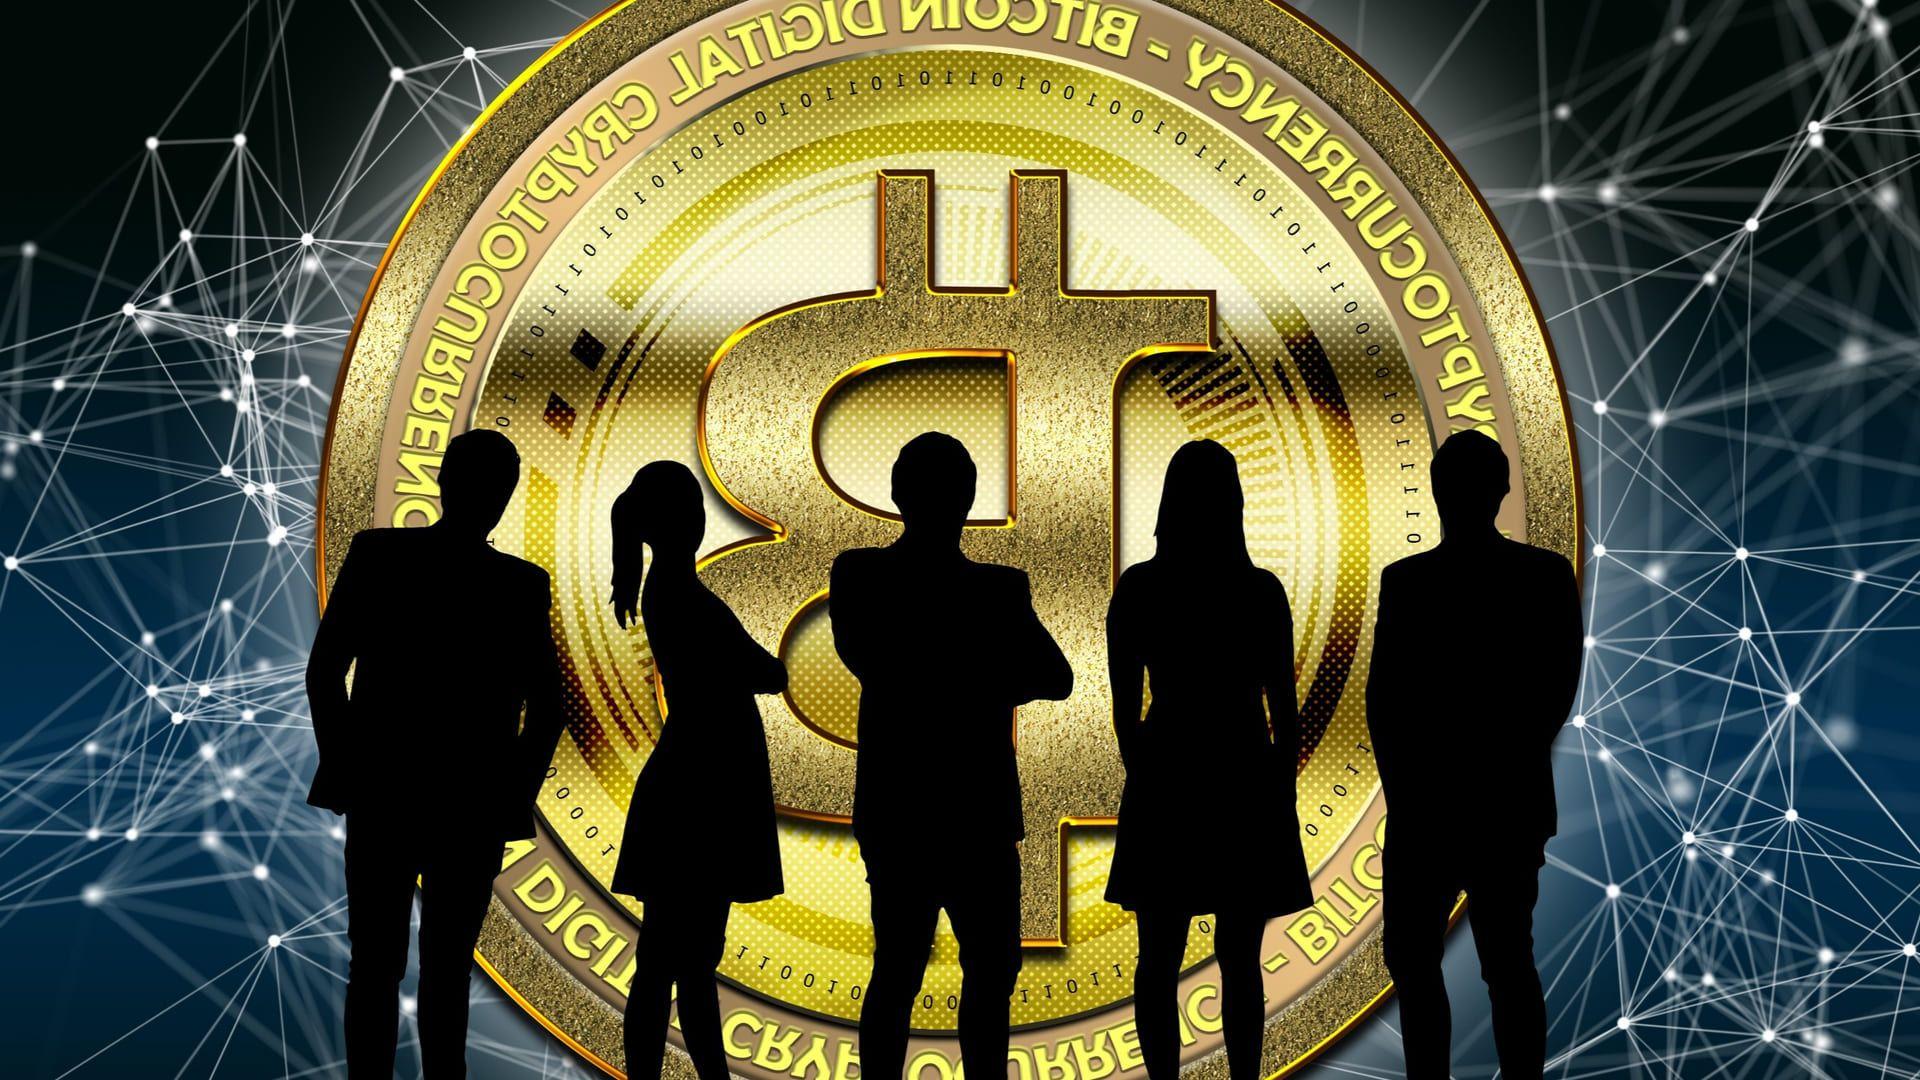 Pouco se sabe sobre quem está por trás do codinome do criador do bitcoin (Foto: Shutterstock)